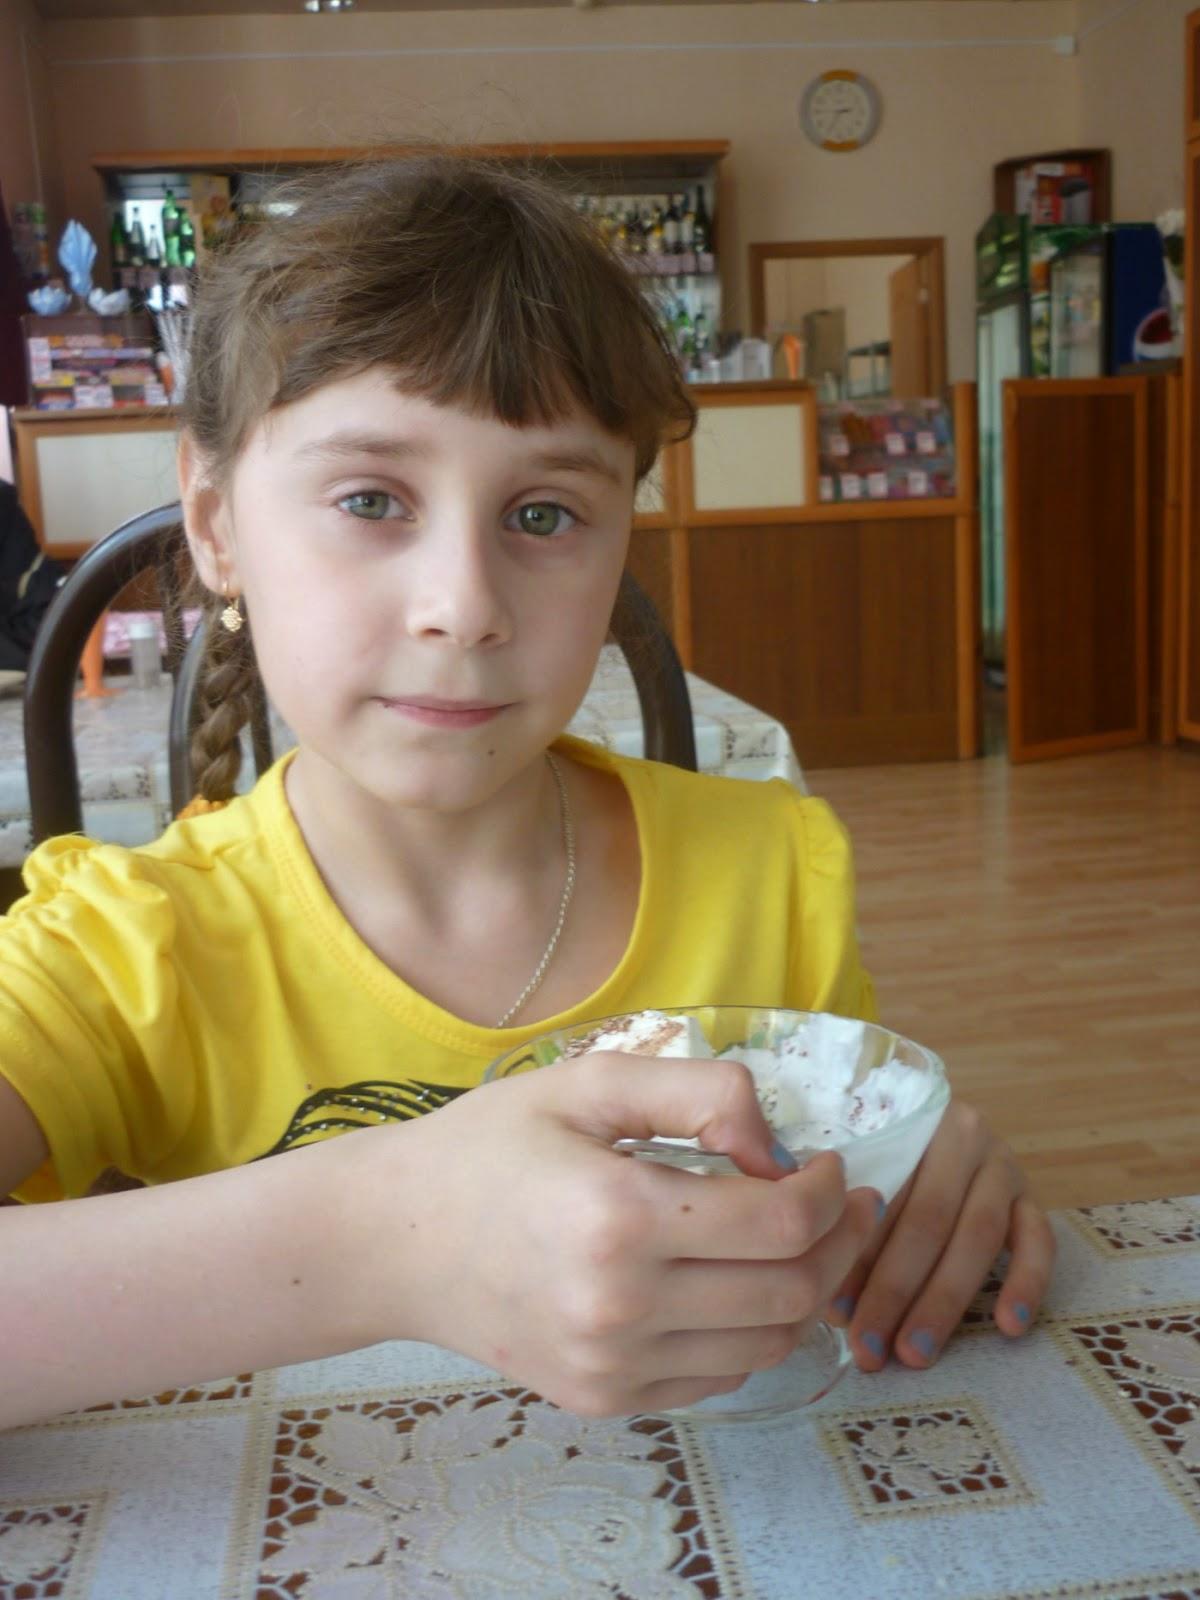 Услуги и цены в тату салоне Екатеринбурга Сделайте  - тату салоны екатеринбурга